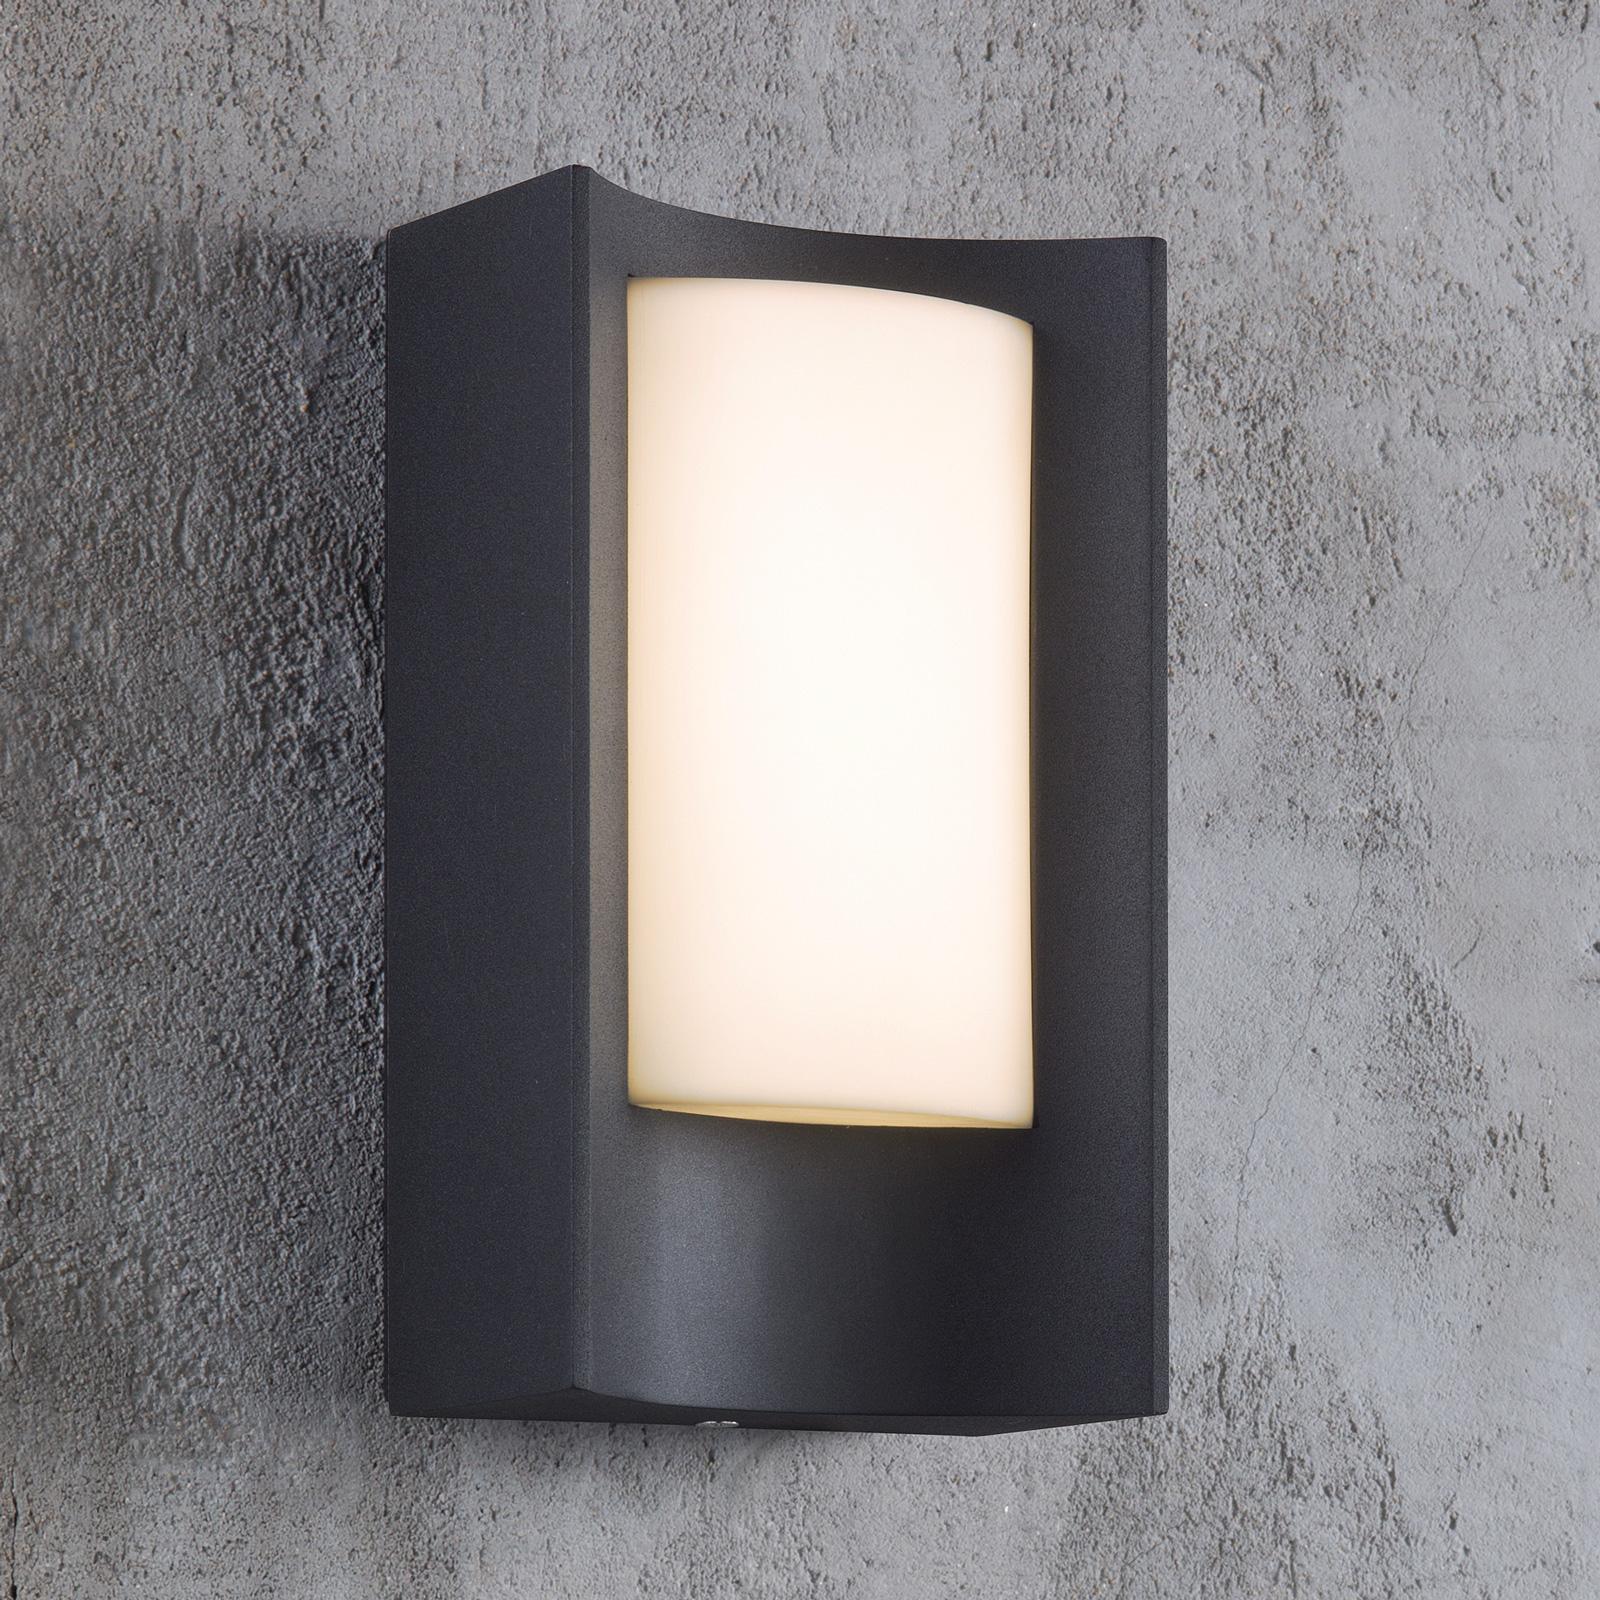 LED-ulkoseinälamppu Aspen, musta/valkoinen